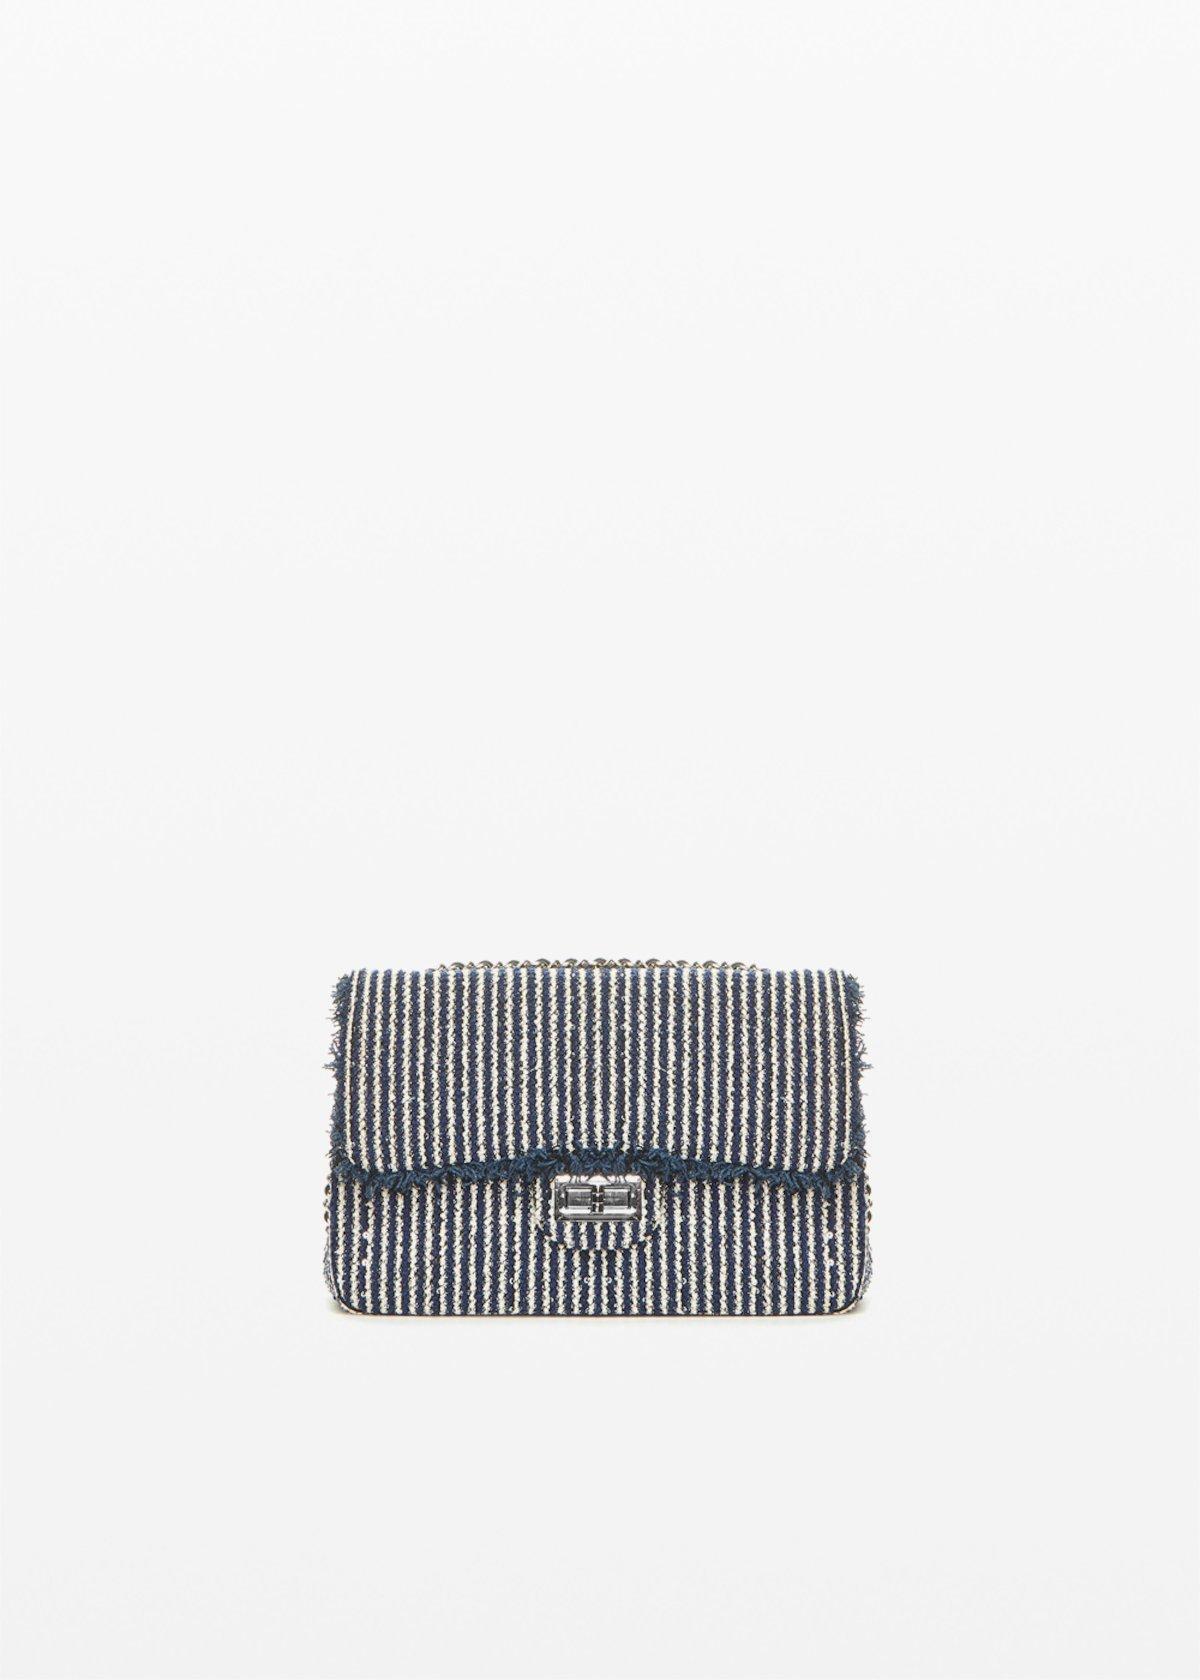 Pochette Giadastri semi rigida - Blue / White Stripes - Donna